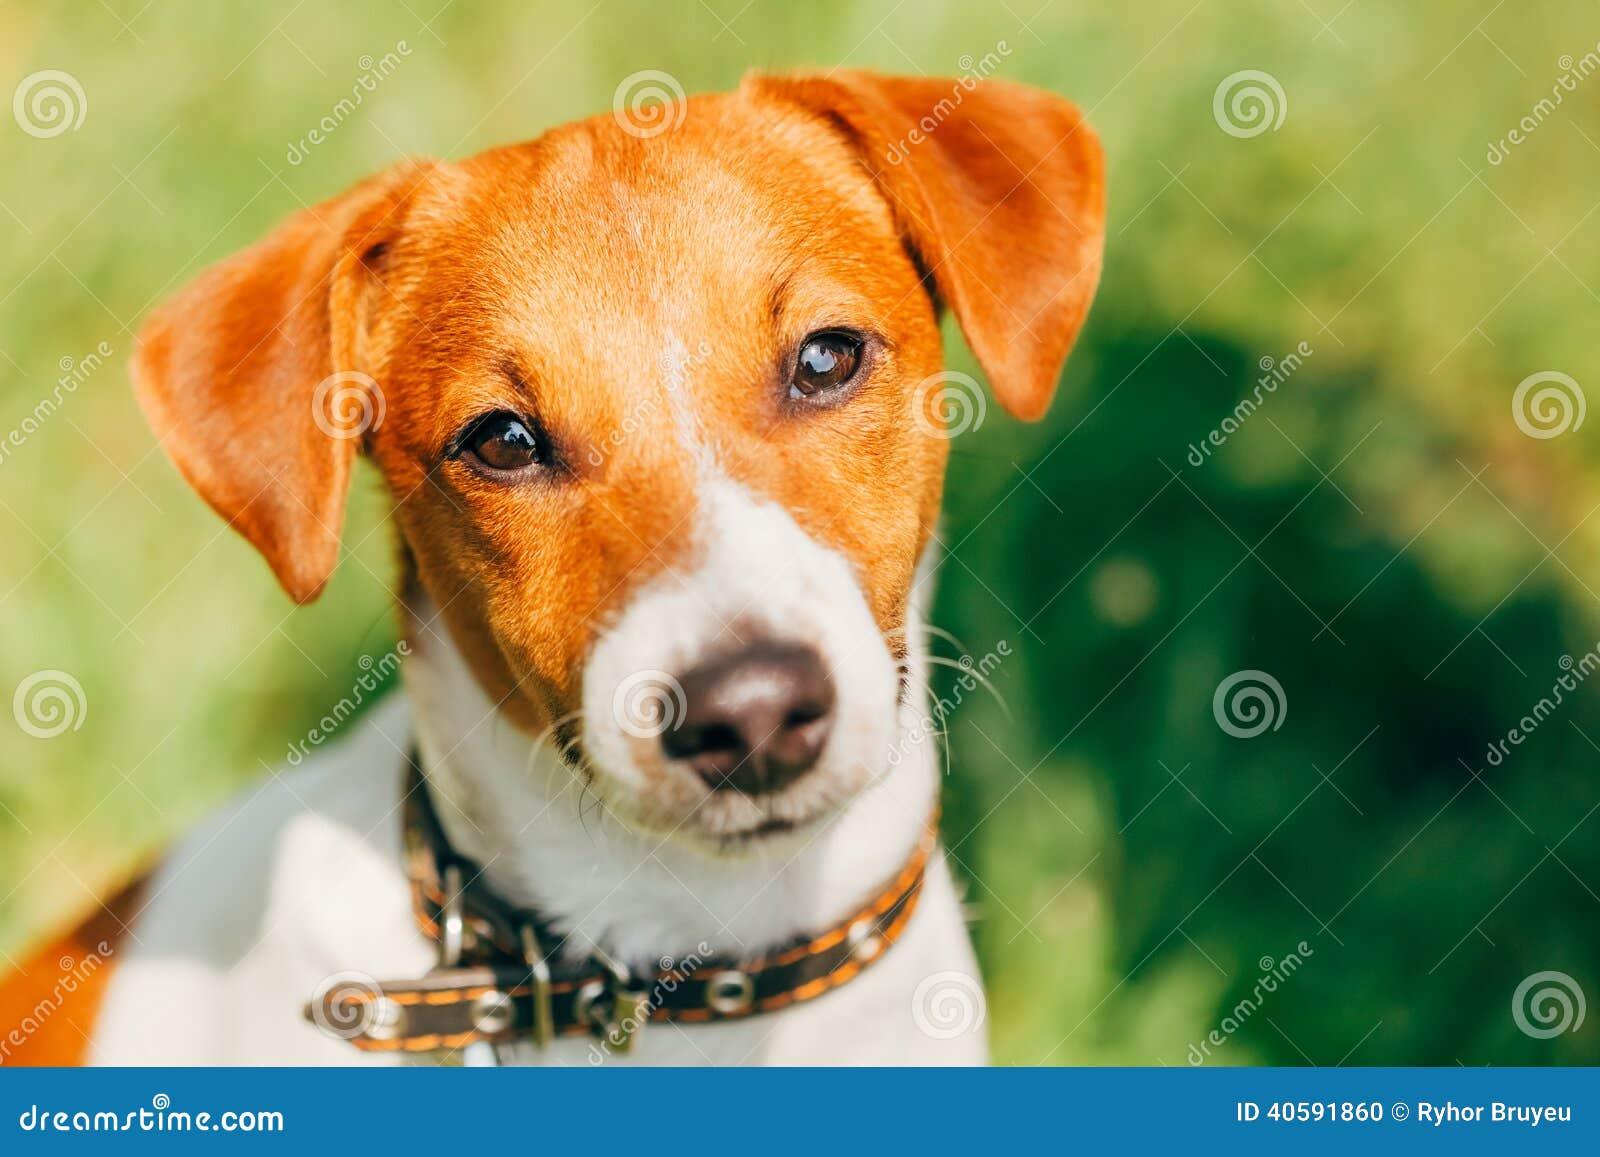 Hundesteckfassungsrussel-Terrier